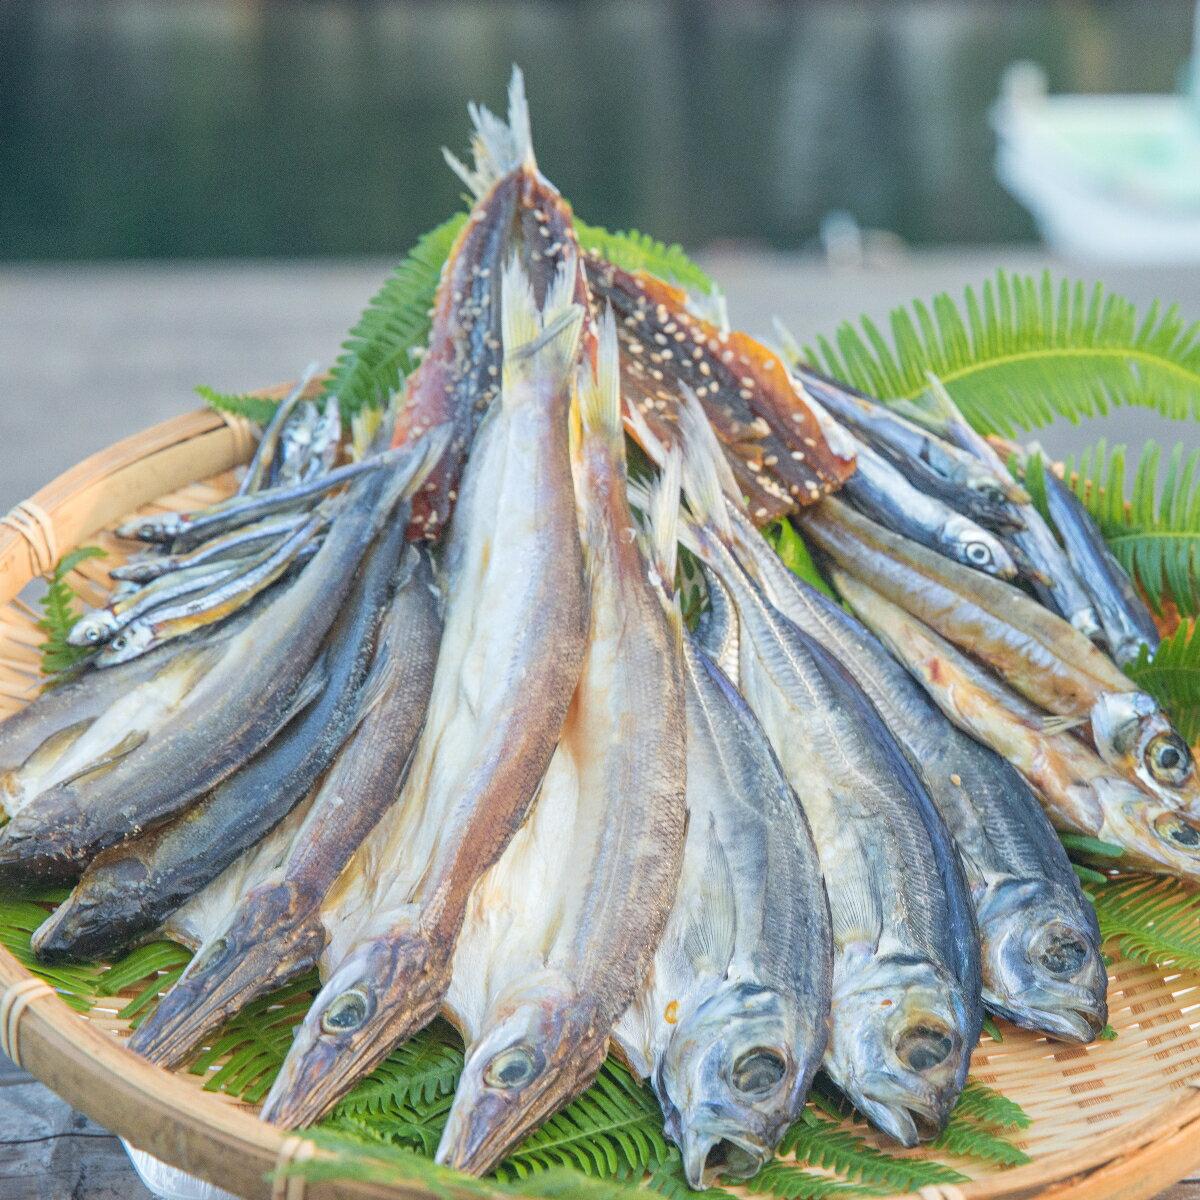 【ふるさと納税】NSM03 海陽町産のお魚を使った絶品干物 鮎や太刀魚など7種類セット!